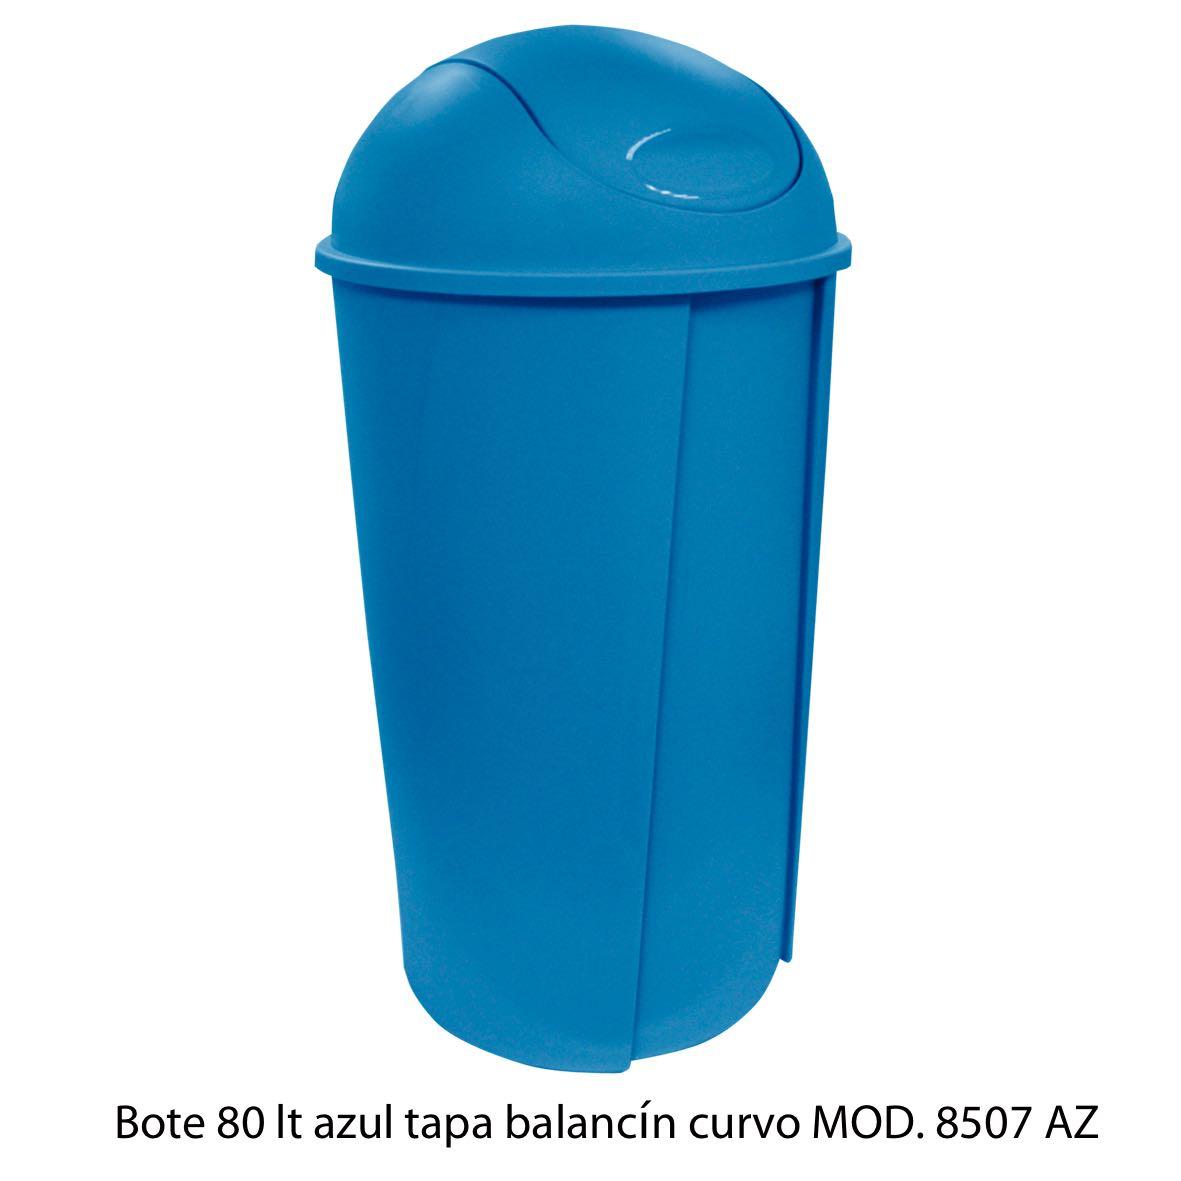 Bote de bausra de 80 litros con tapa balancín curvo color azul modelo 8507 AZ Sablón